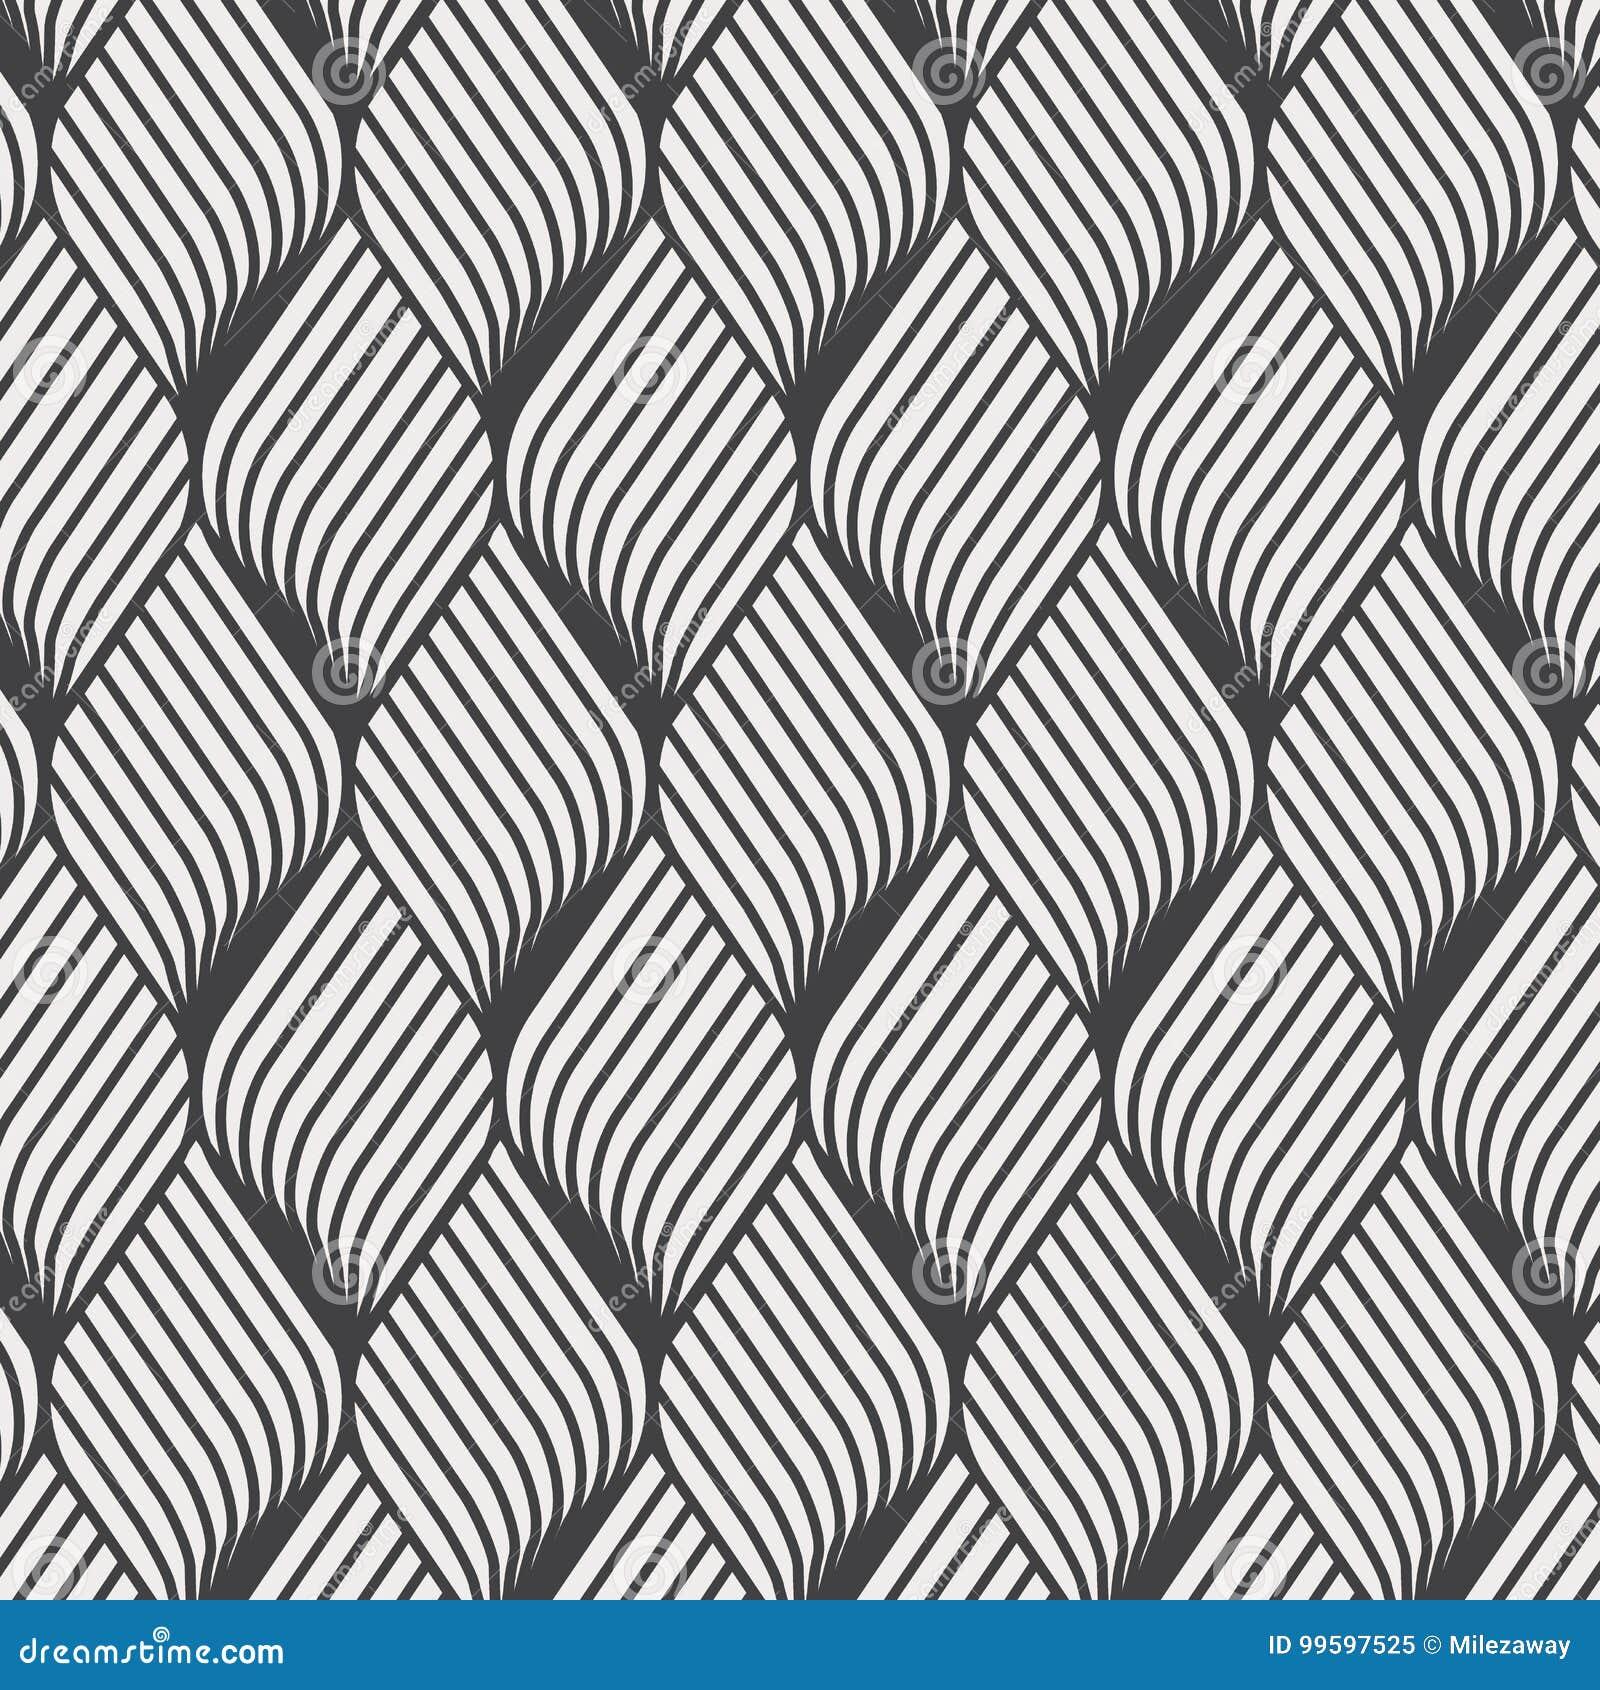 Teste padrão abstrato da ondinha da flor Repetindo a textura do vetor Fundo gráfico ondulado Ondas geométricas simples